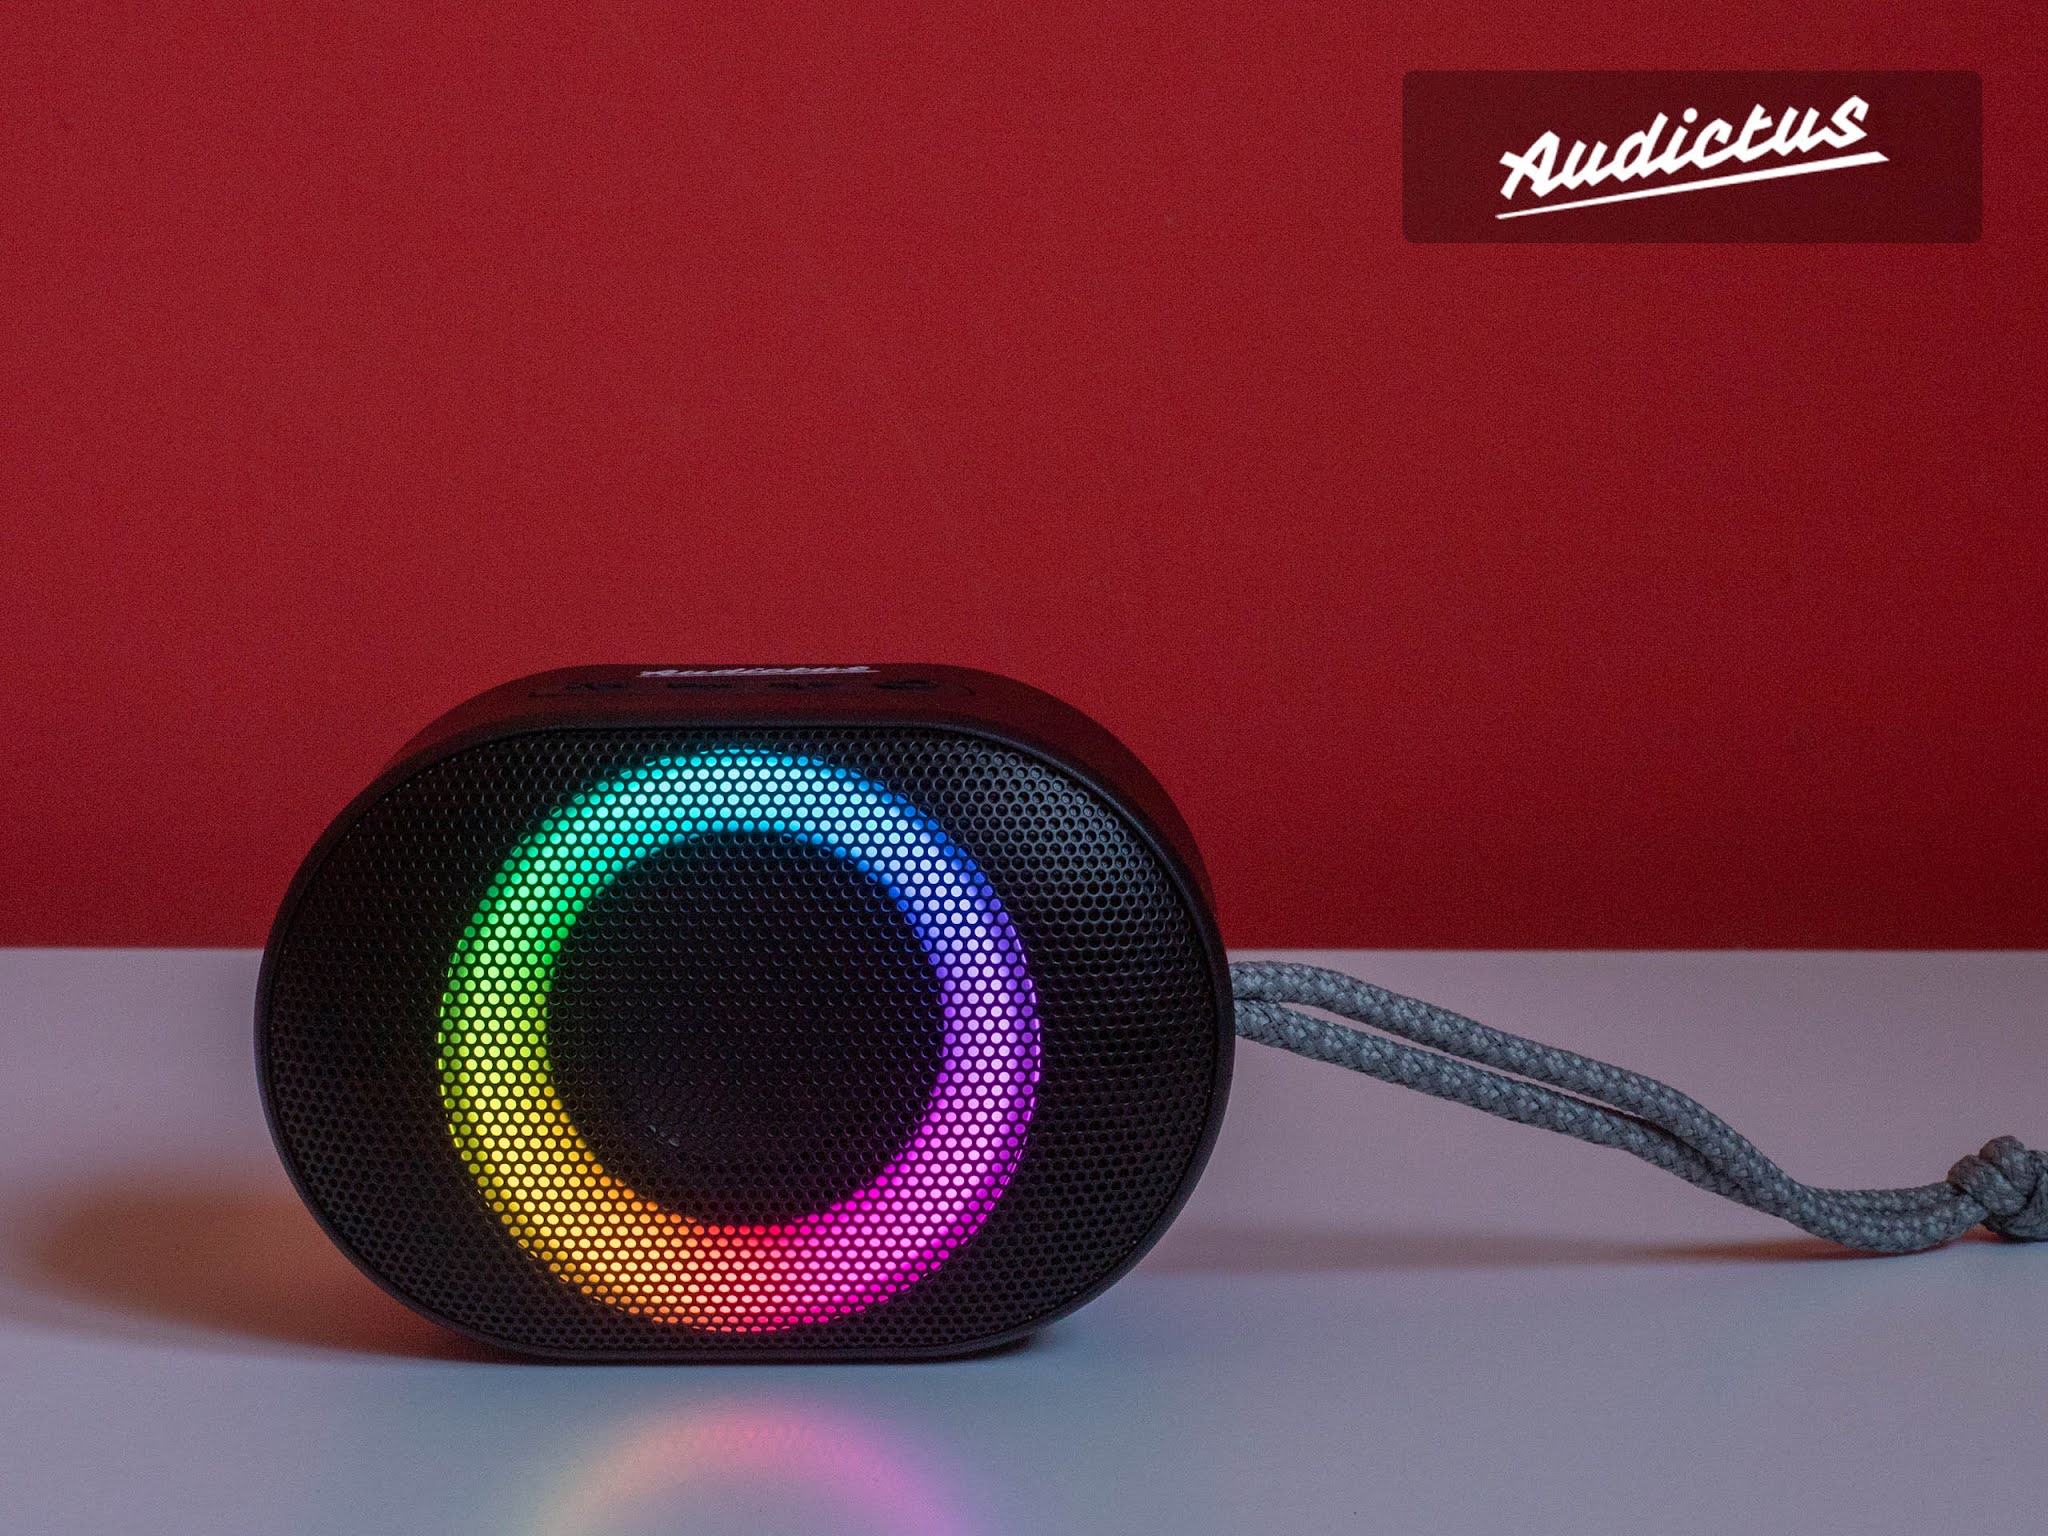 Bezprzewodowy głośnik Audictus Aurora Mini